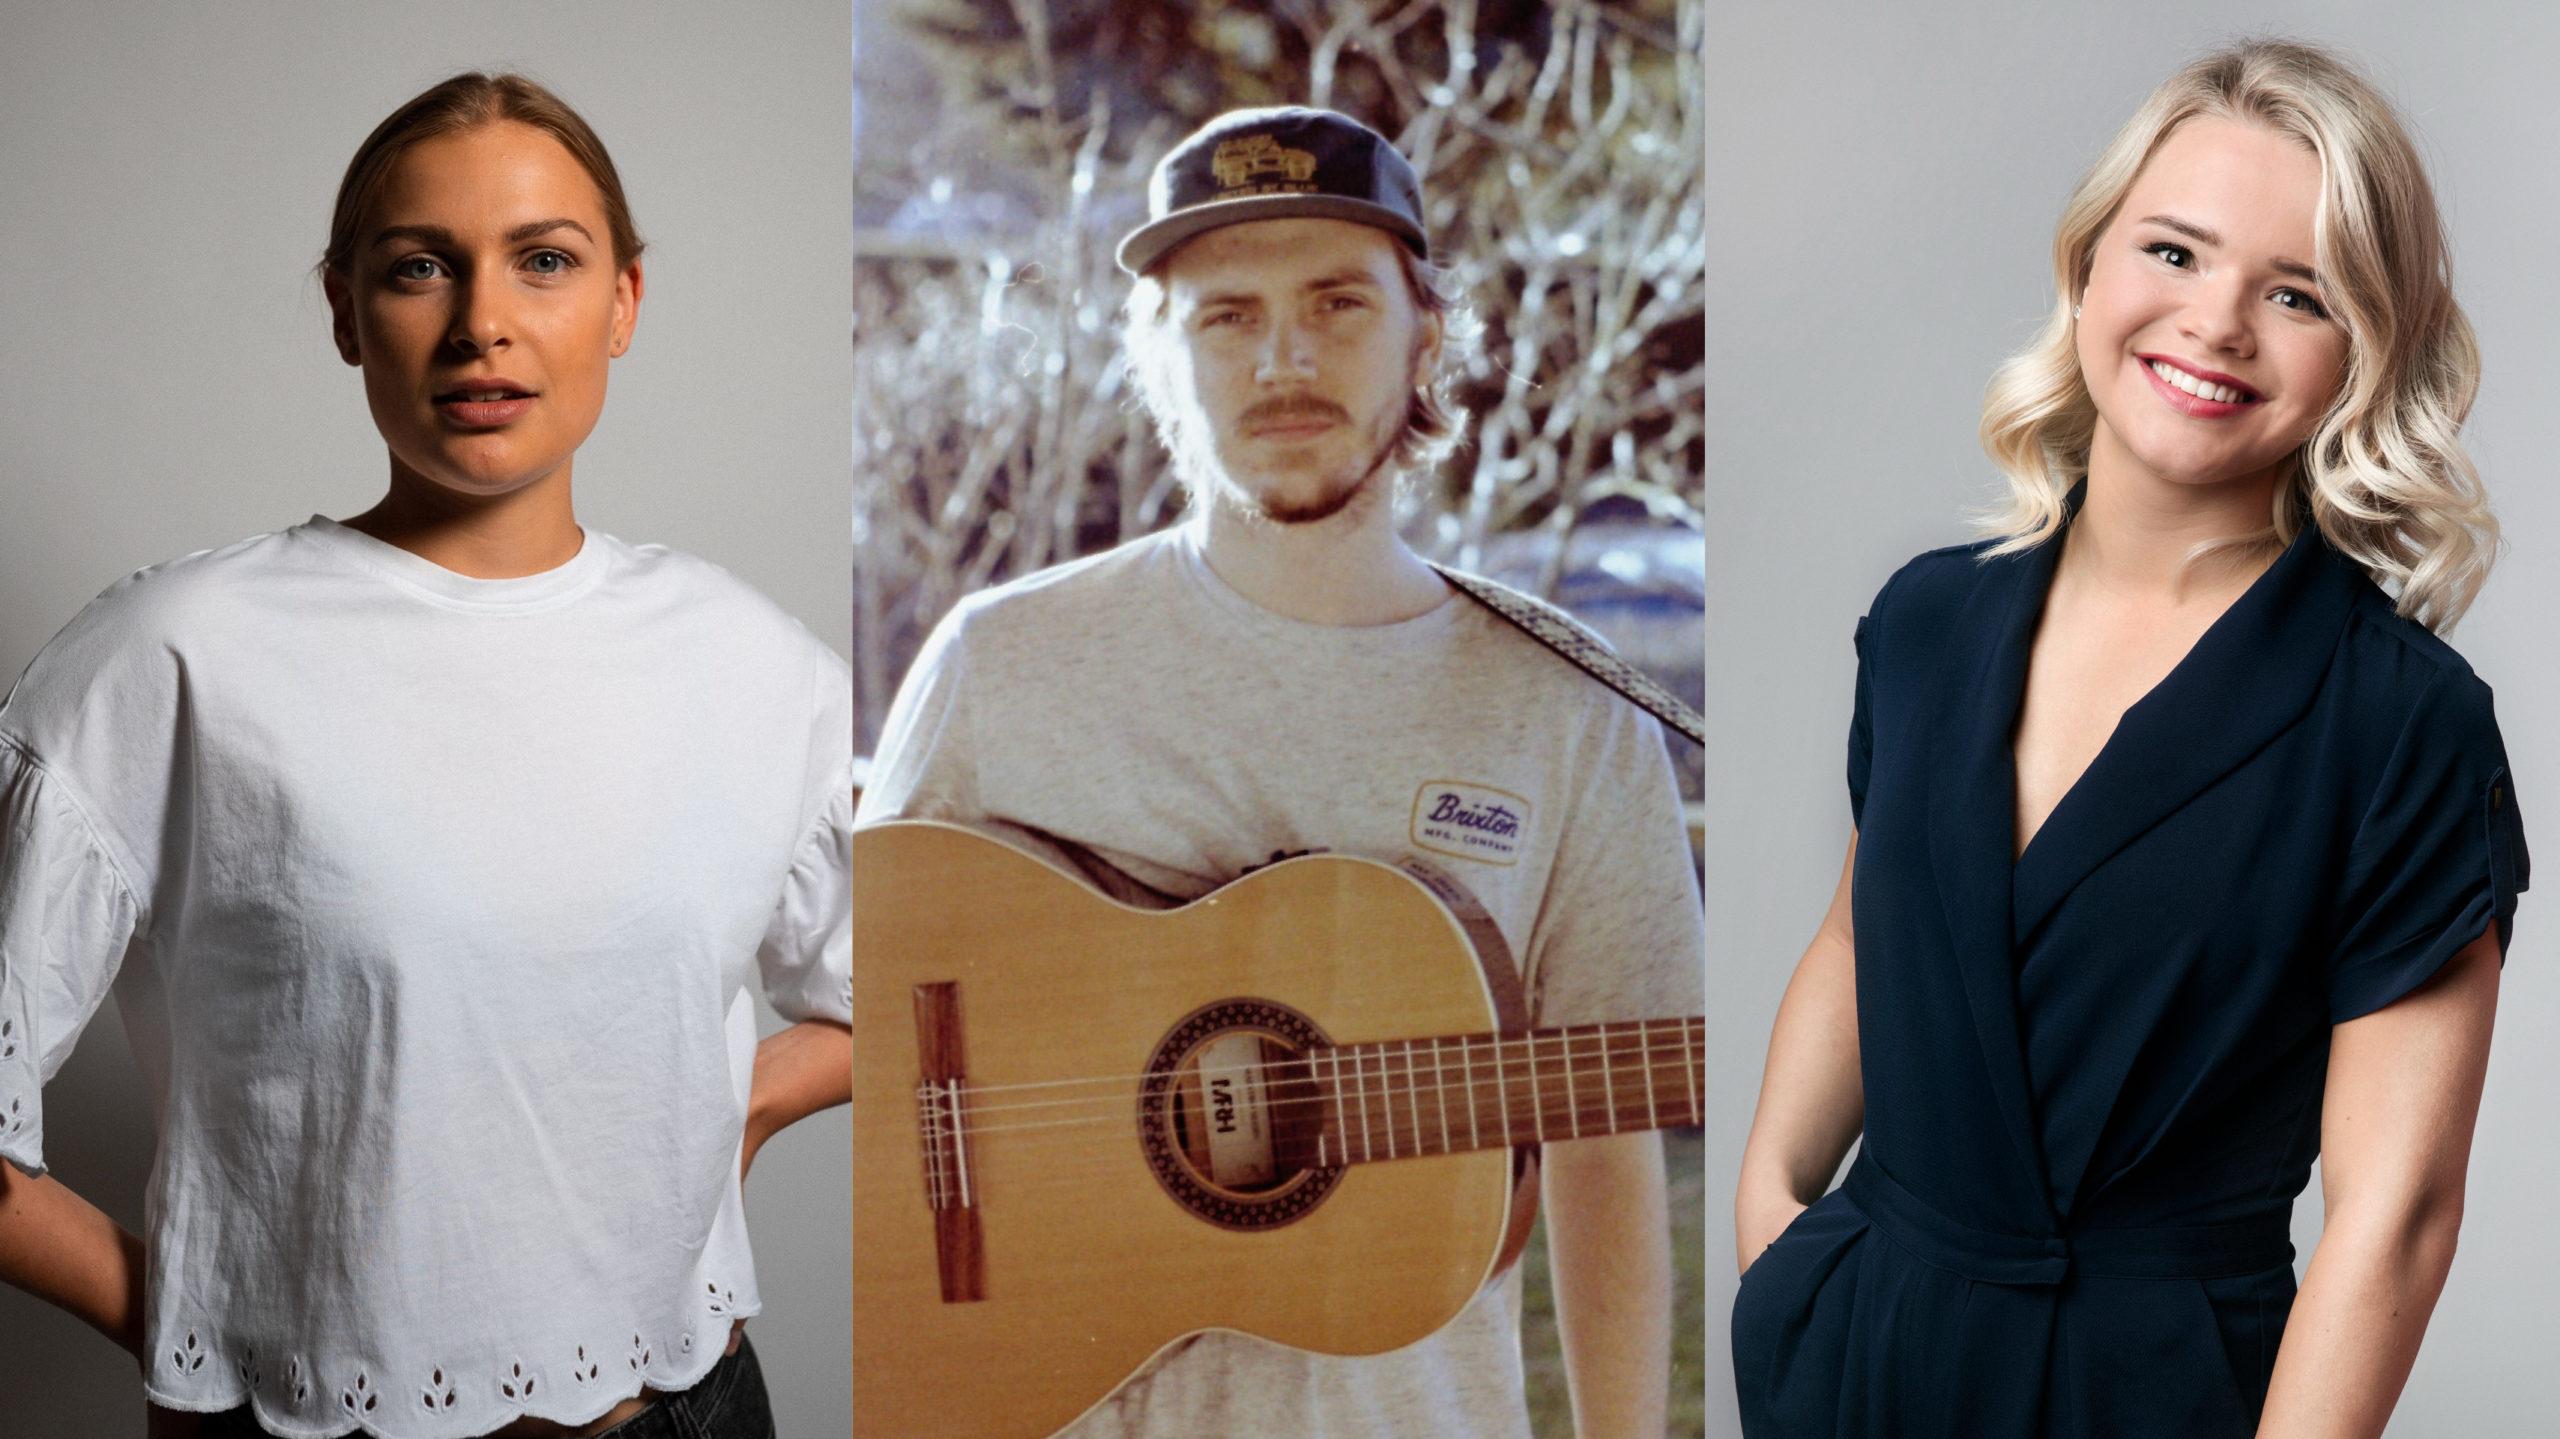 Det er ein biletekollasj. Til venstre er det en jente med mørkeblondt hår som er satt bak. Ho har på seg kvit skjorte. I midten er det bilete av ein ung kar med beige t-skjorte og han held ein gitar. Han har skjegg og har på seg ein blå caps. Til høgre er det bilete av ei blond smilande jente som har på seg ein mørkeblå dress.